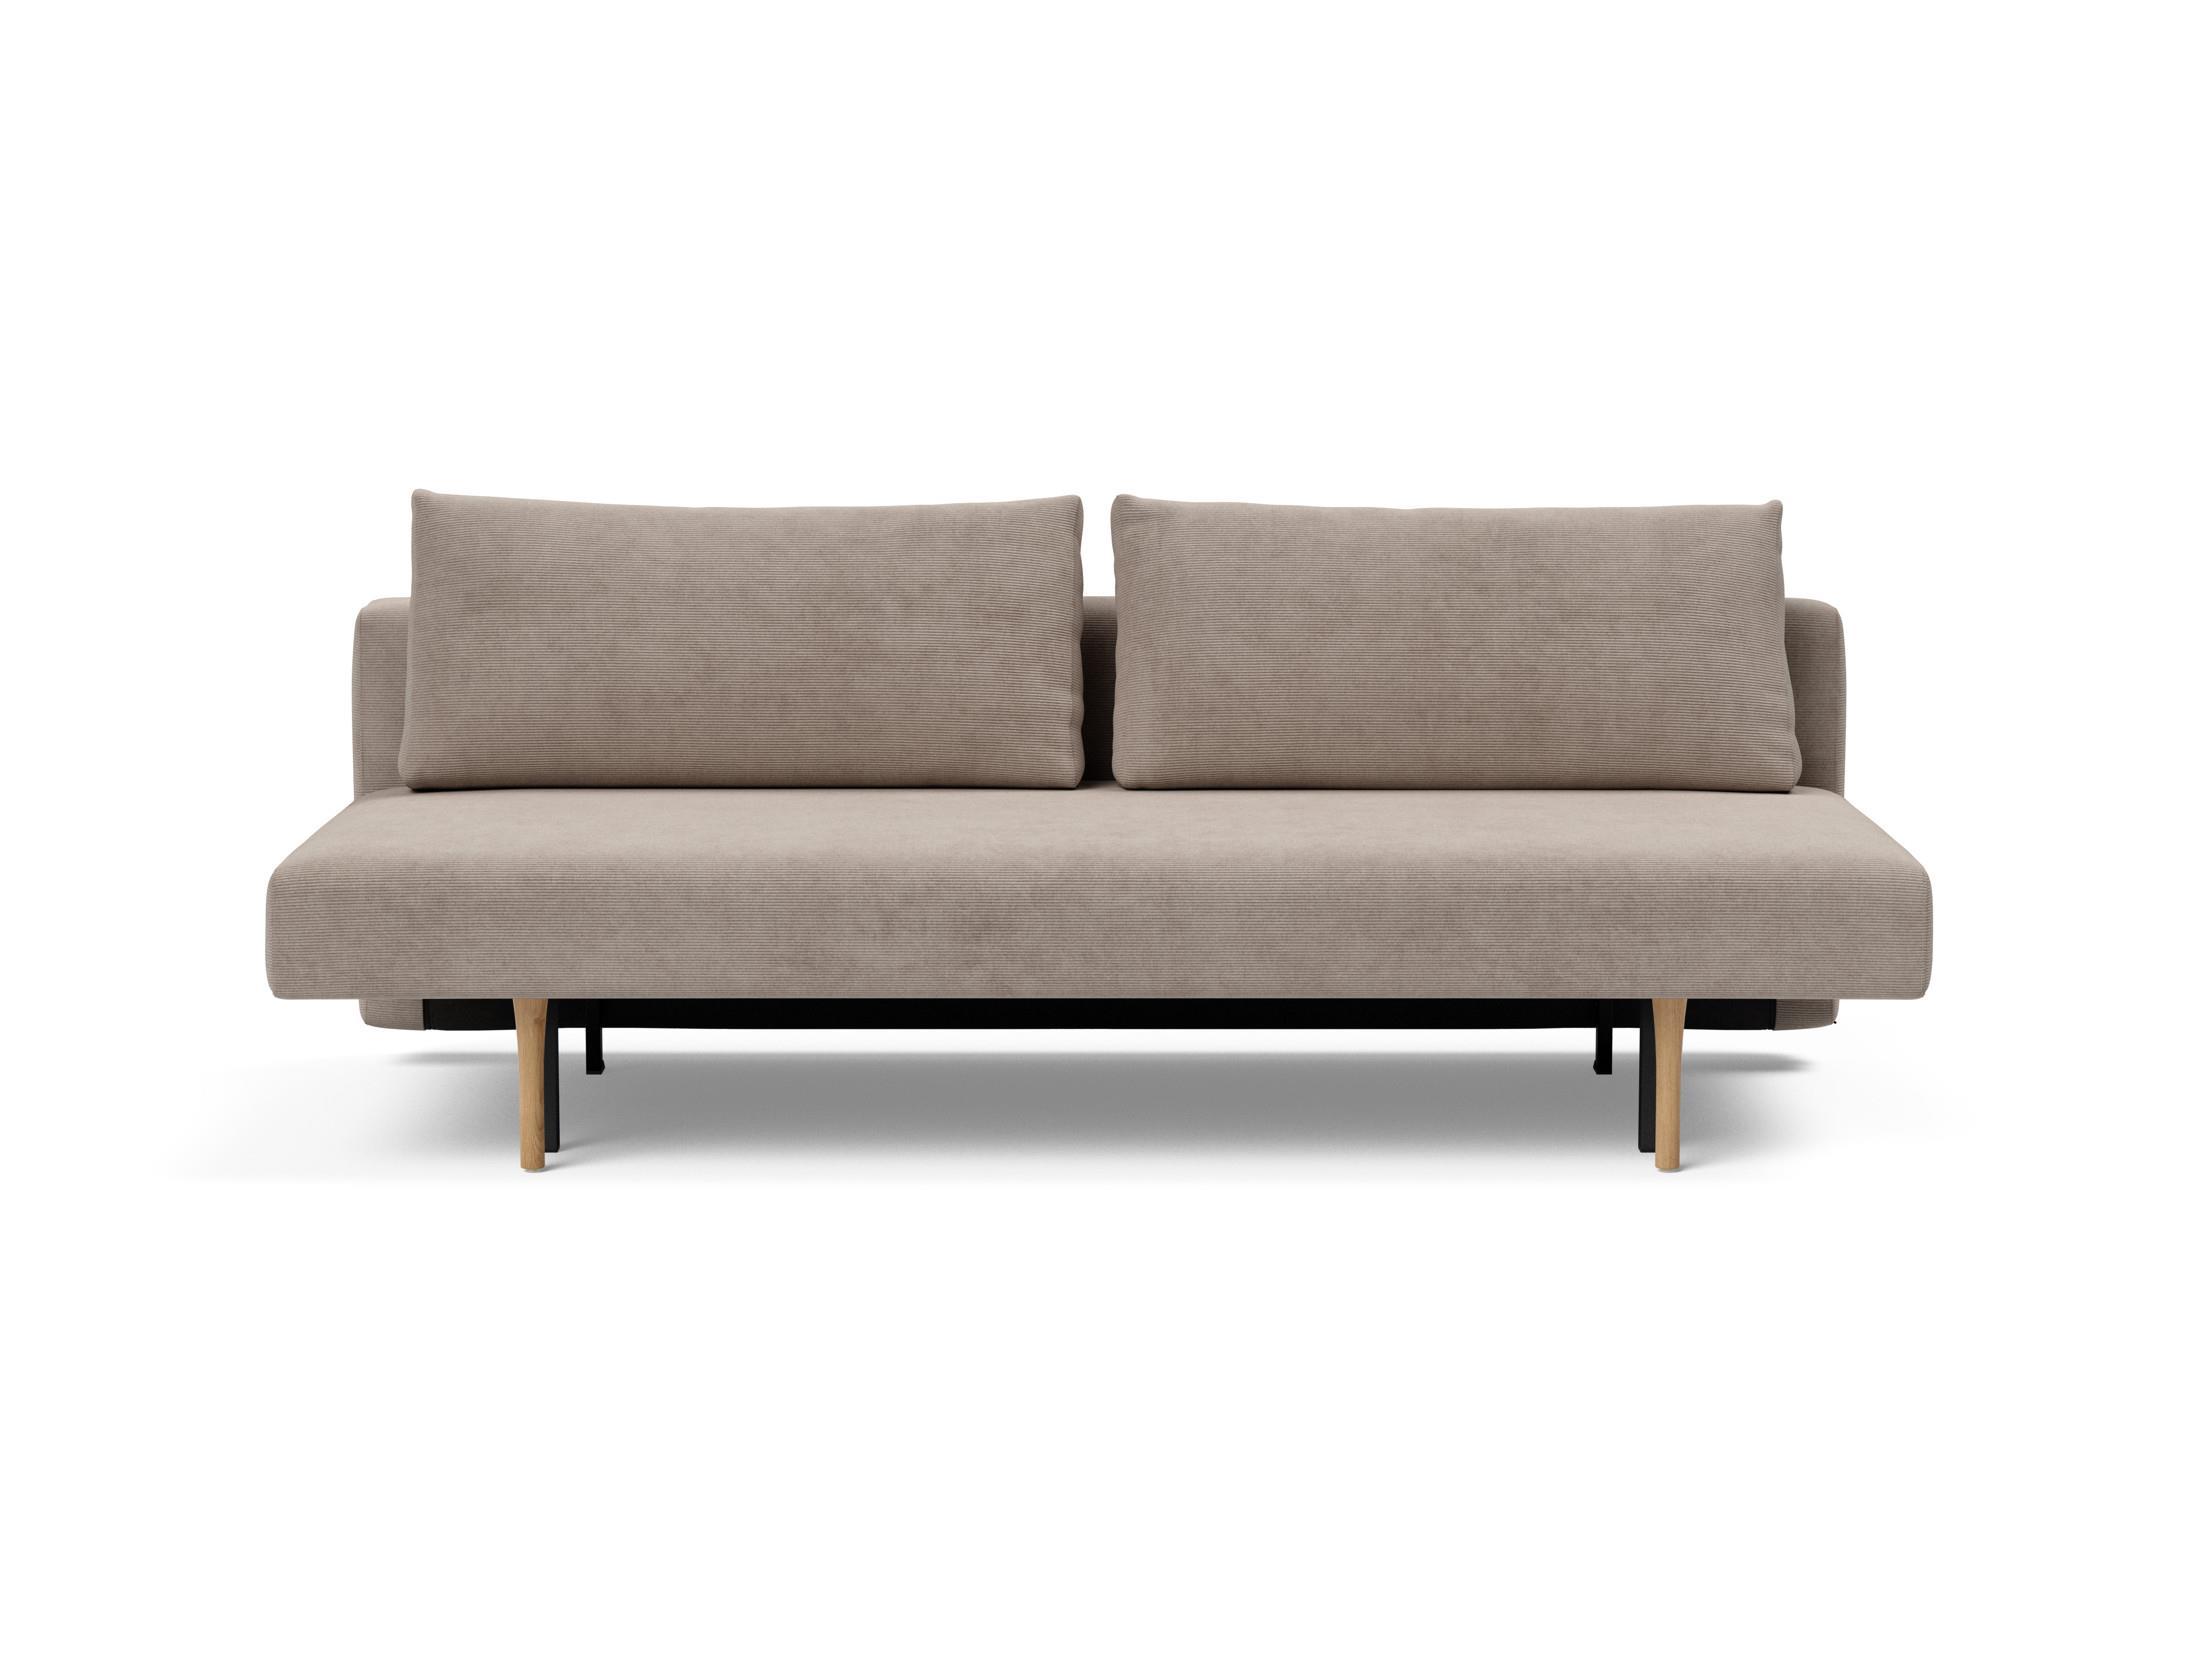 media/image/Conlix-Sofa-Bed-318-p1-webyJPJCMDr3zjcG.jpg